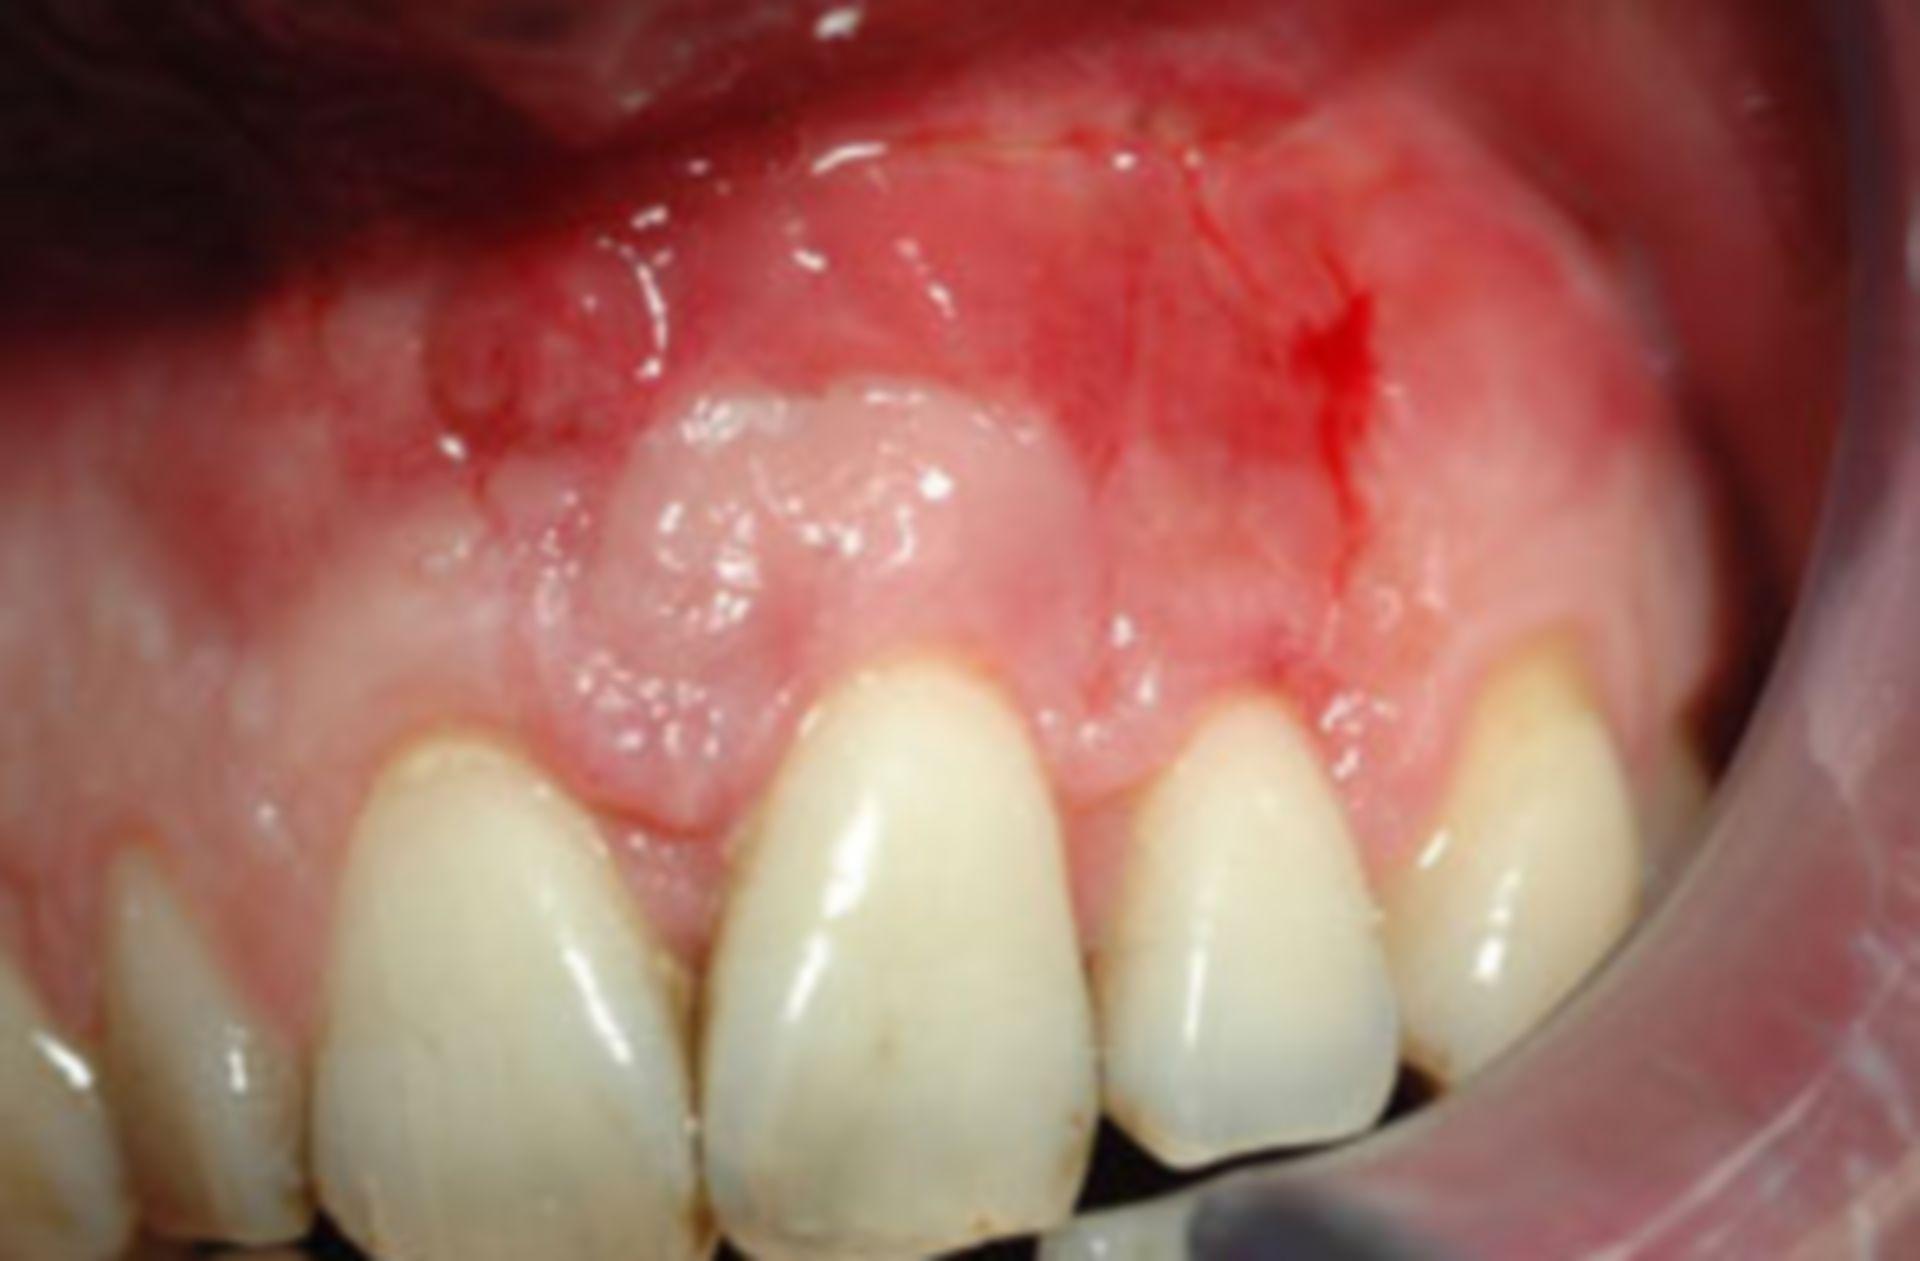 Intraoraler Befund mit ausgeprägter Zahnfleischentzündung.